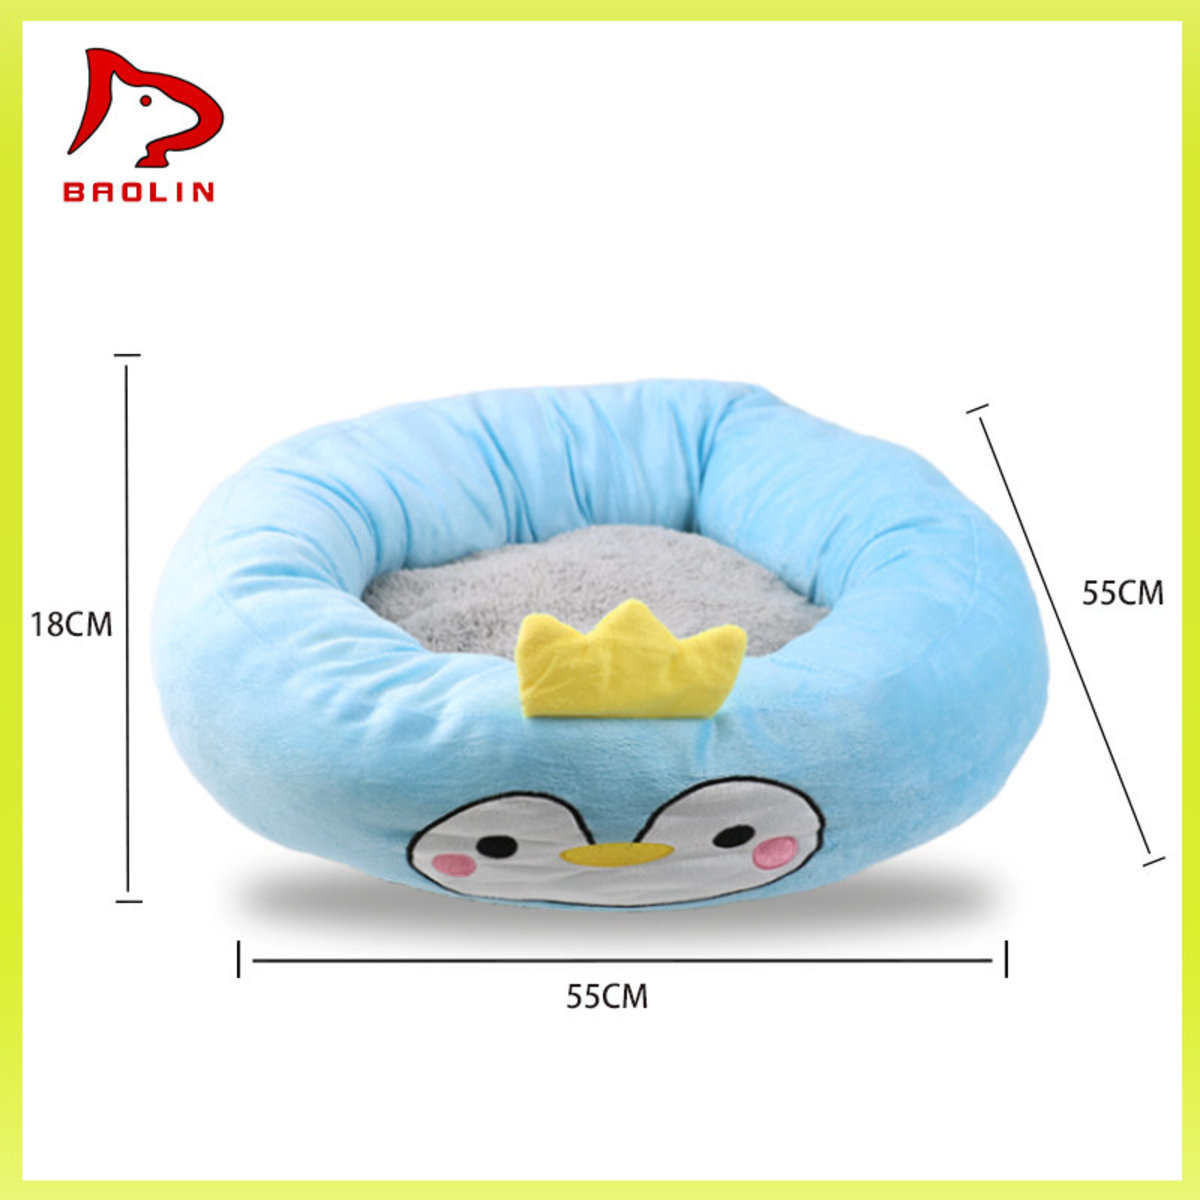 Dog's nest - Plush sofa nest (Penguin) - round - Large